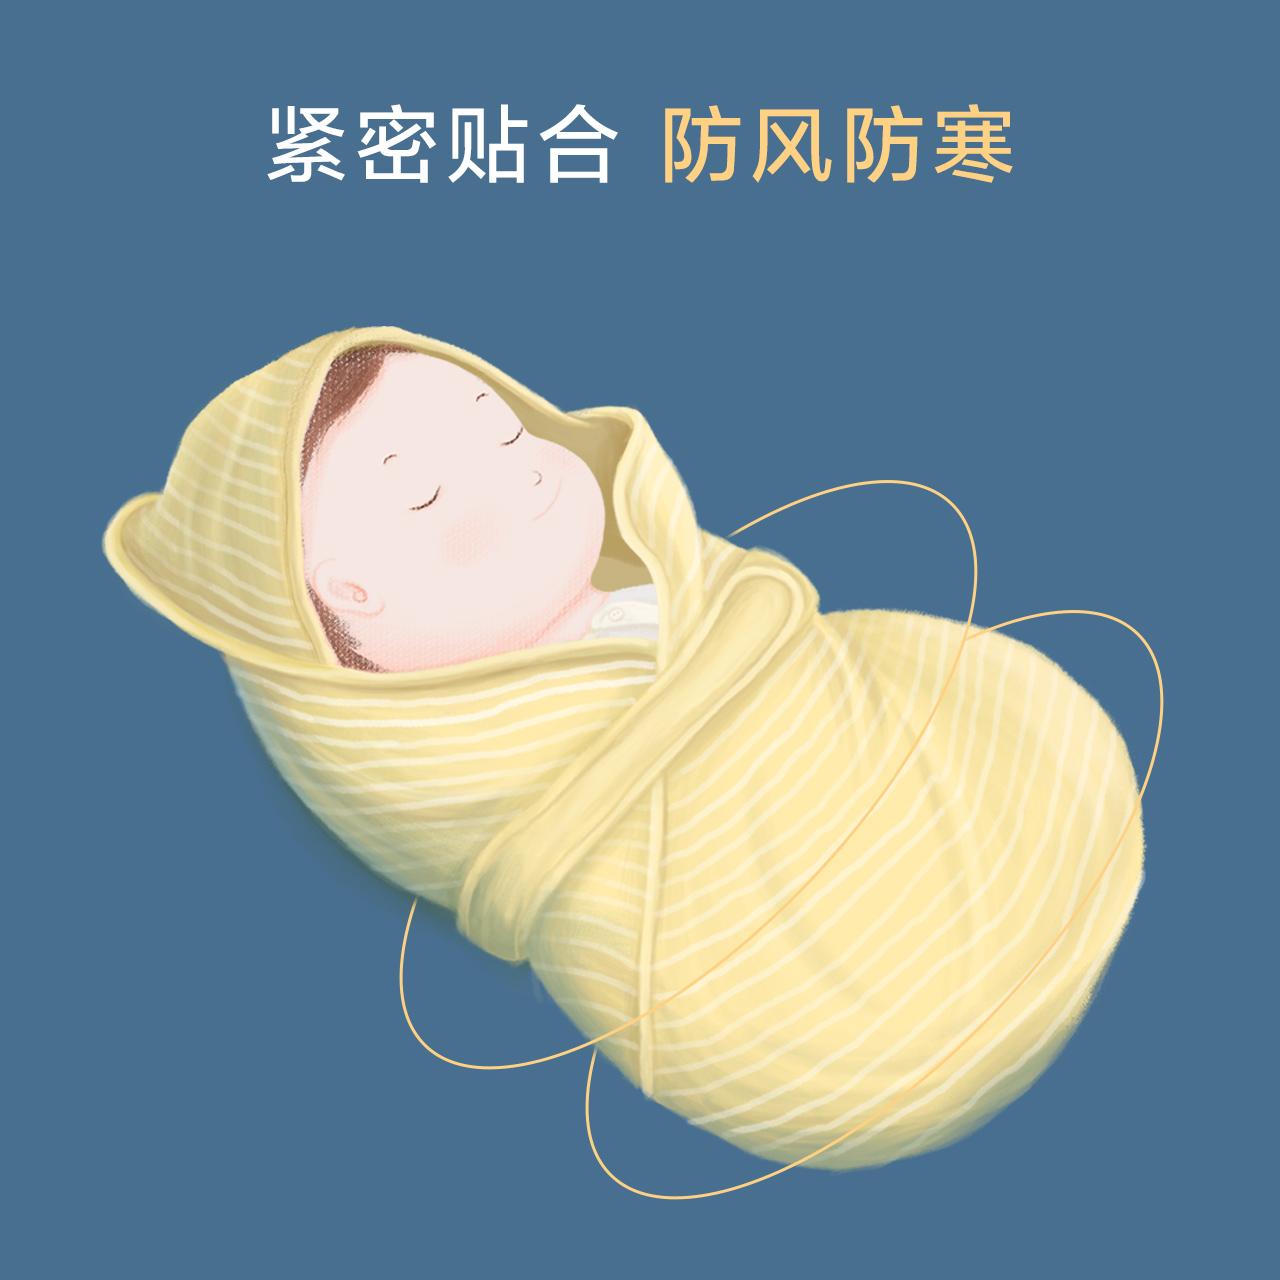 米乐鱼 婴儿抱被新生儿襁褓包被外出抱被抱毯初生包被宝宝用品